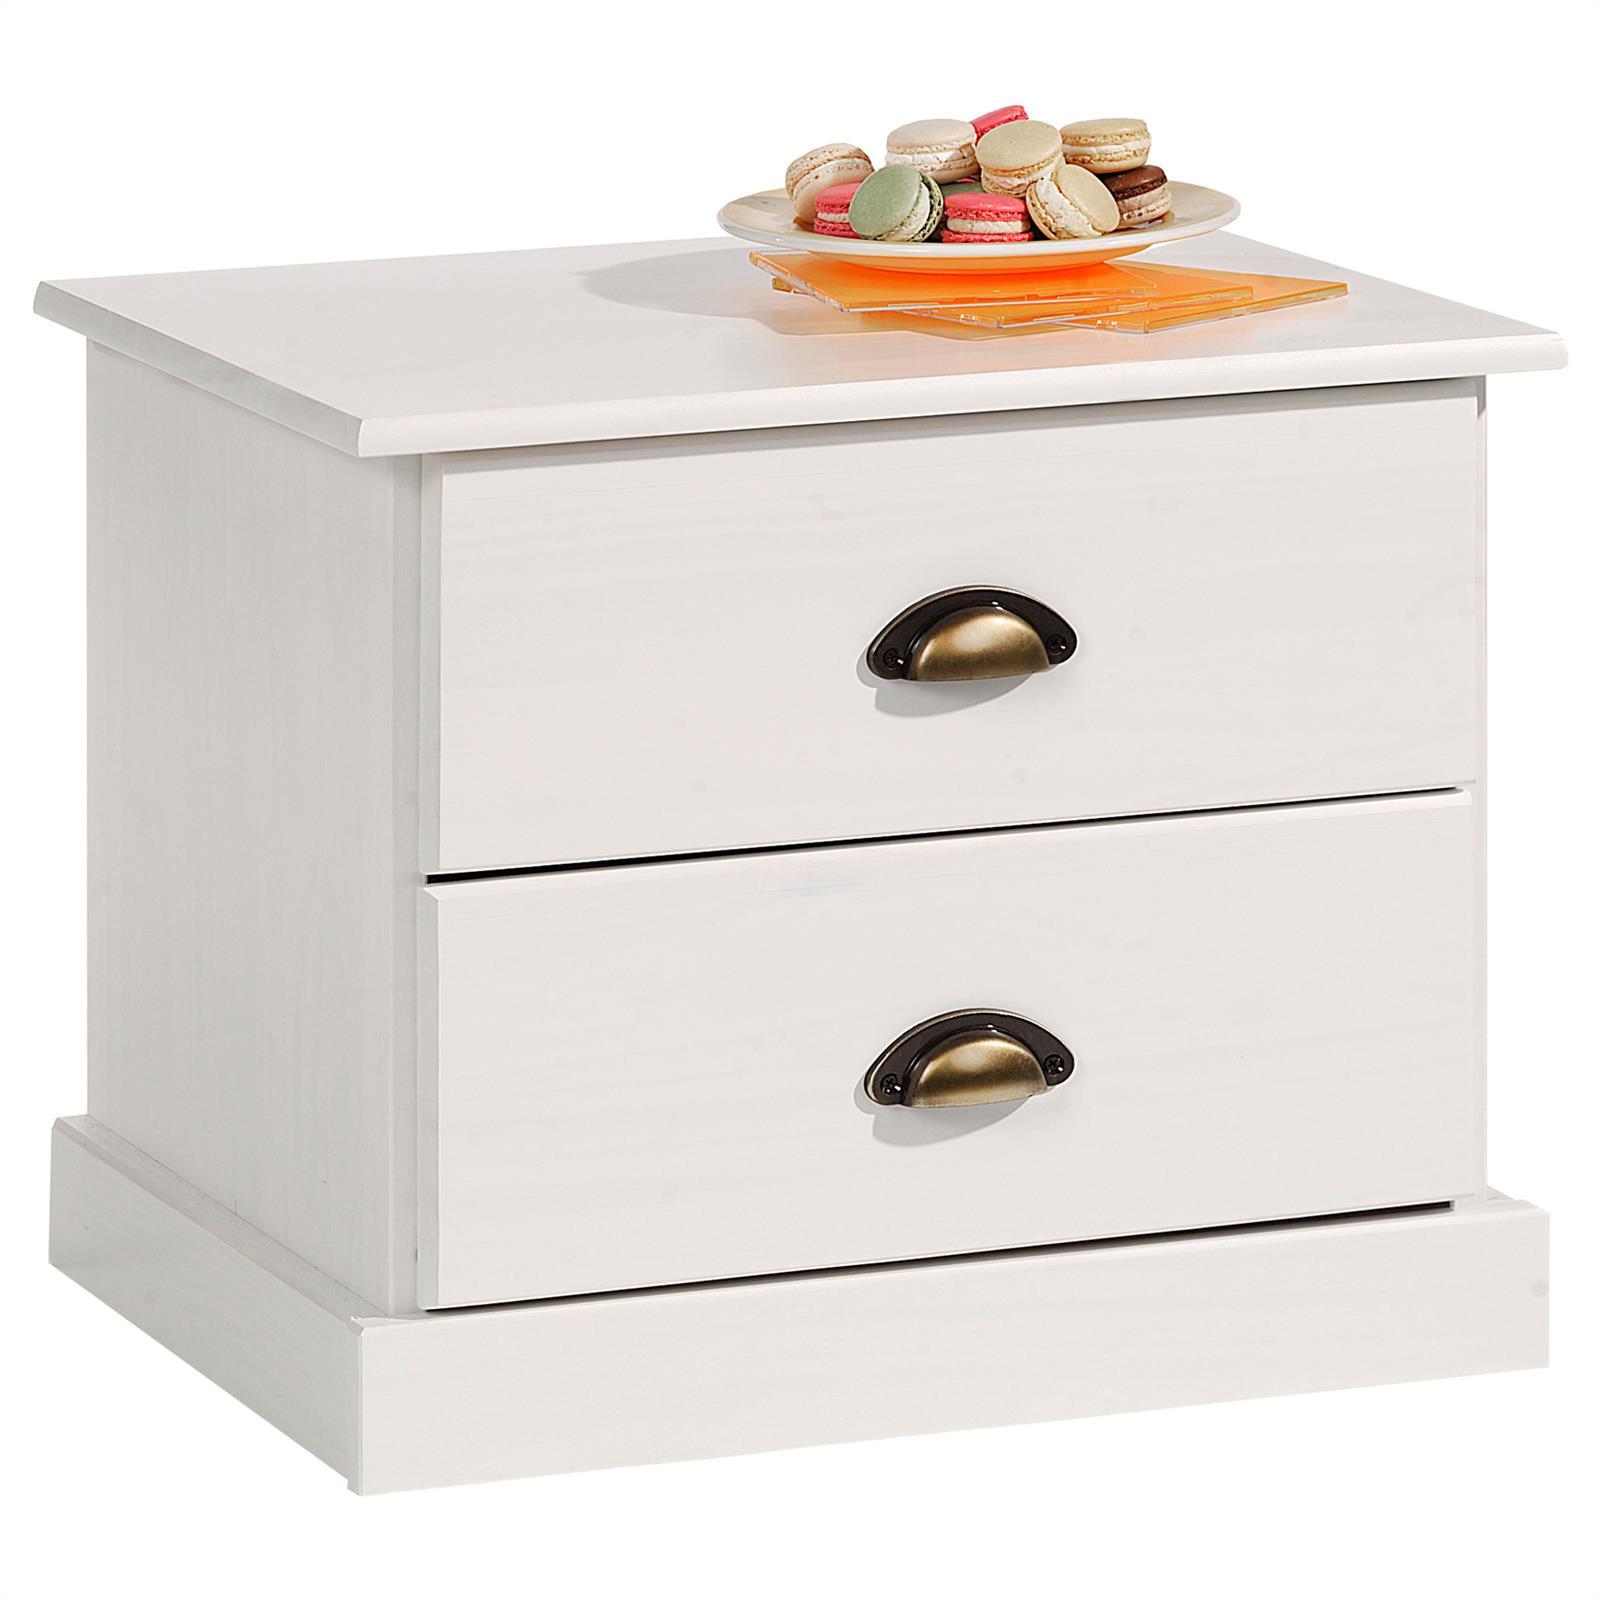 table de chevet paris en pin massif 2 tiroirs lasur blanc mobil meubles. Black Bedroom Furniture Sets. Home Design Ideas